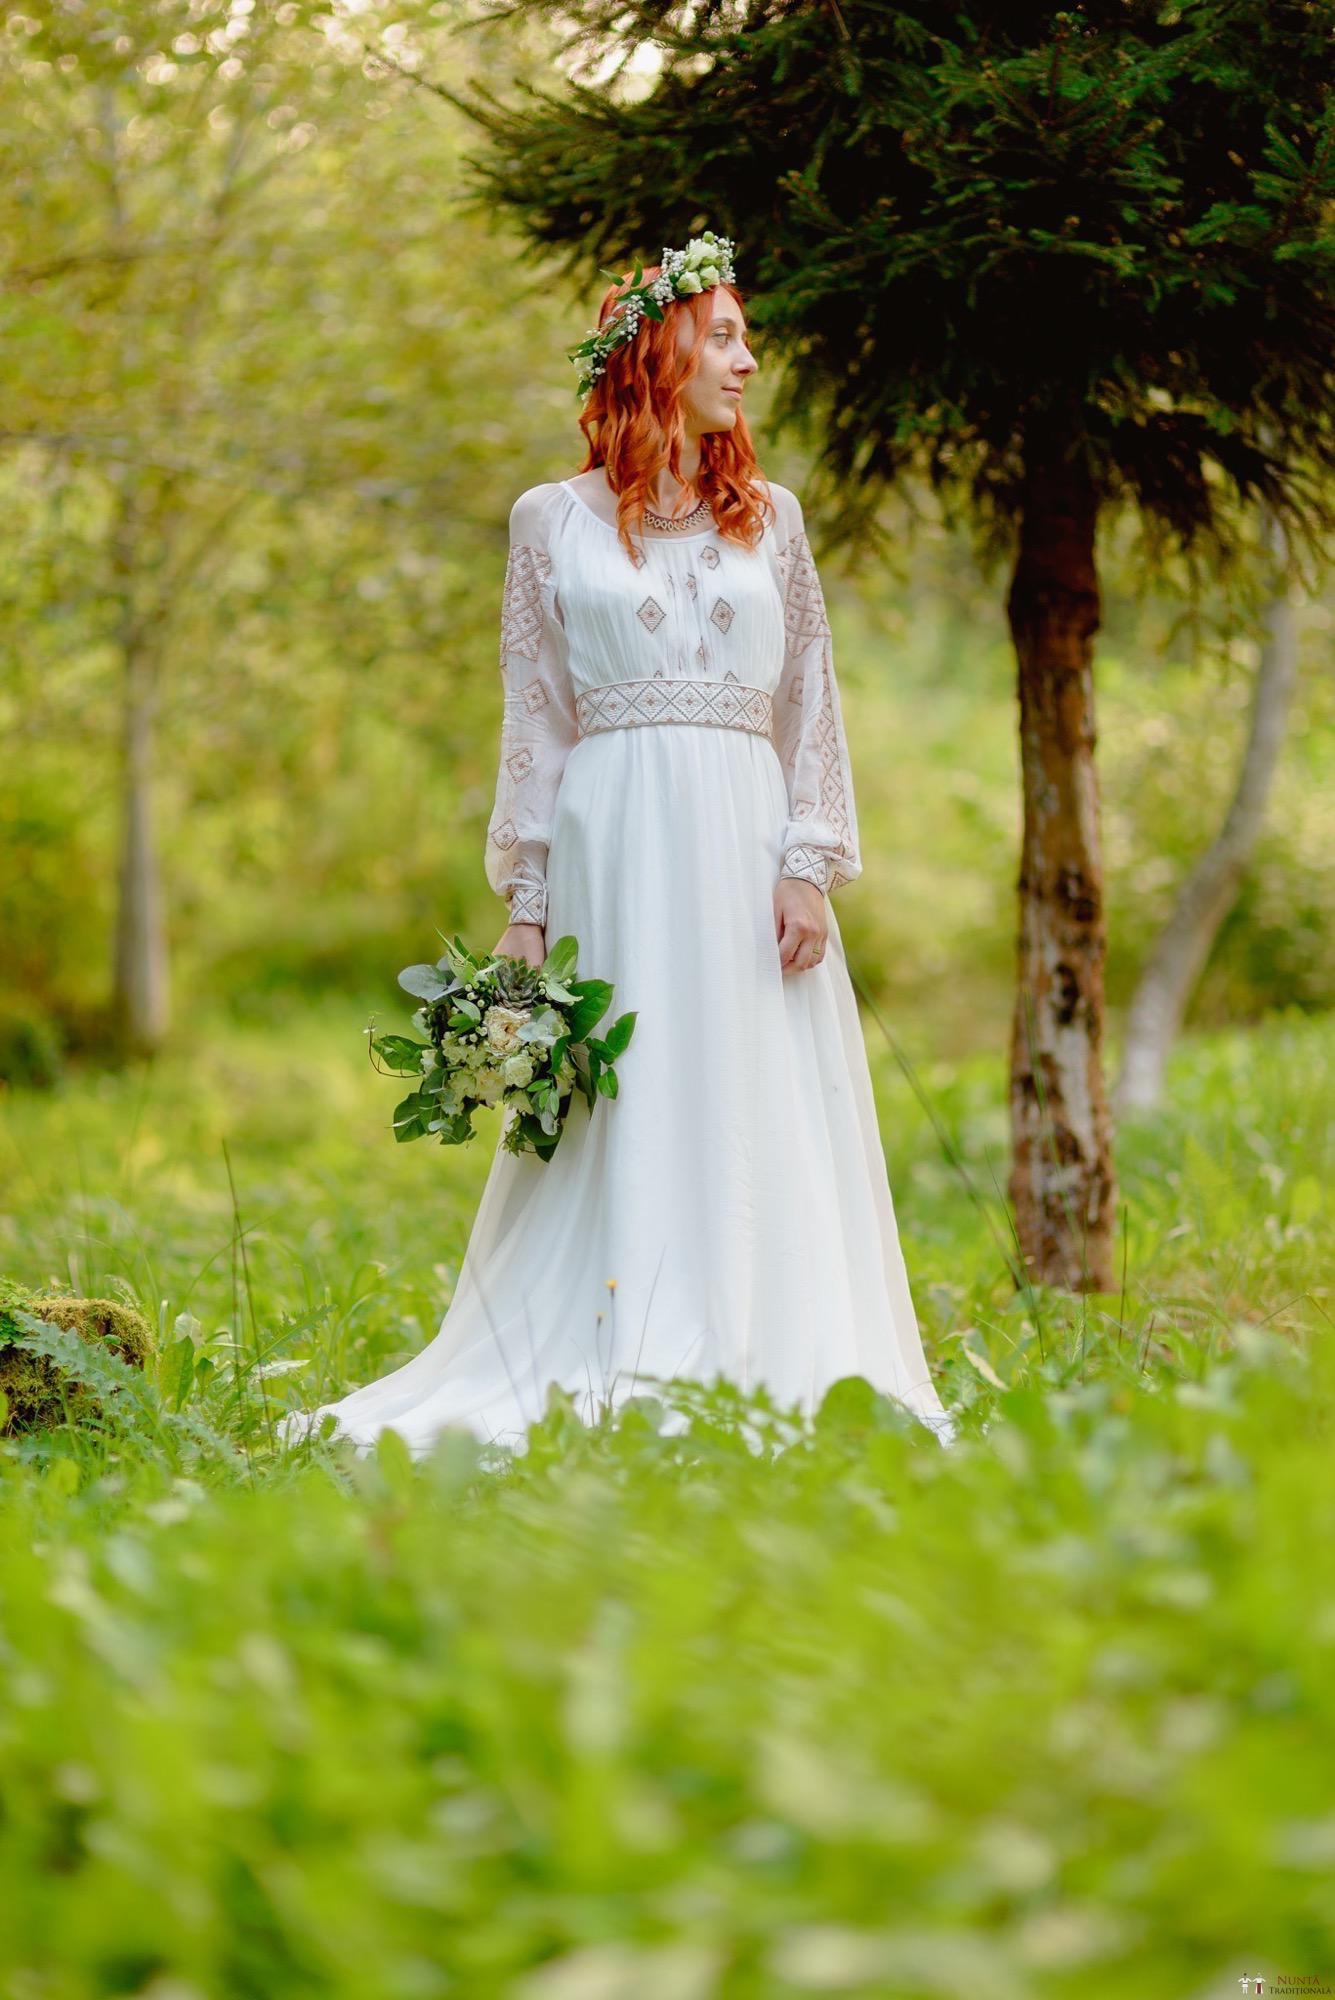 Povești Nunți Tradiționale - Aurelian și Sonia. Nuntă tradițională în Câmpulung Moldovenesc 39